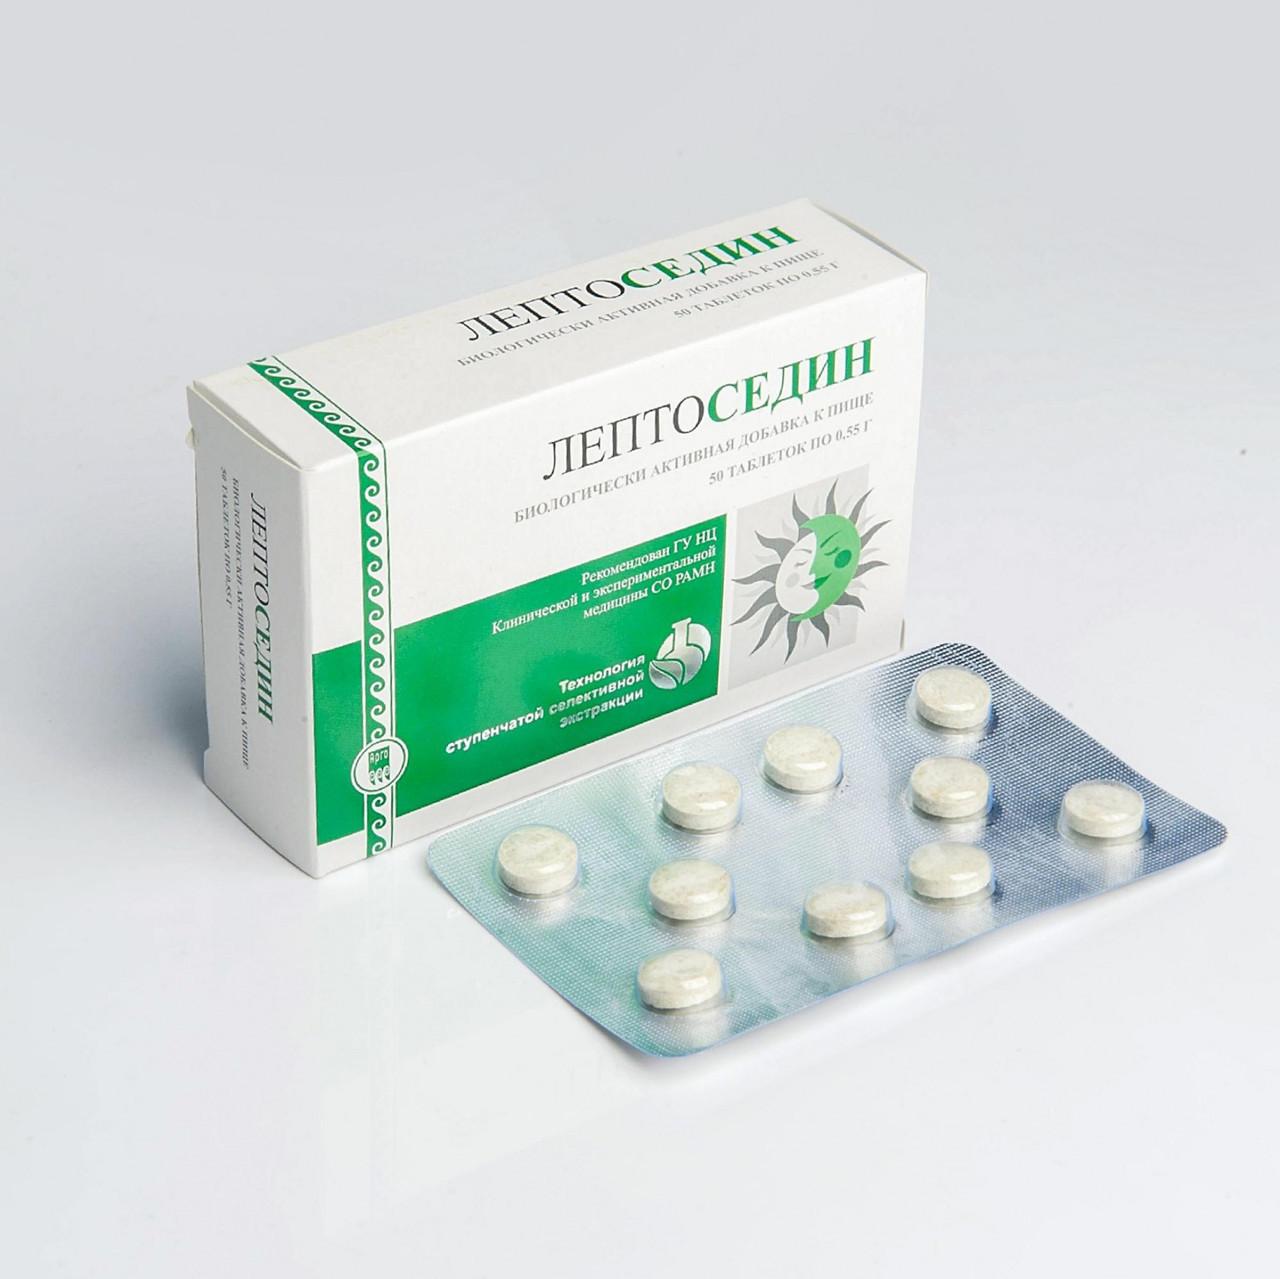 Лептоседин Арго (ля нервной системы, неврастения, неврозы, успокоительное, стресс, спазмолетик,  дистония)